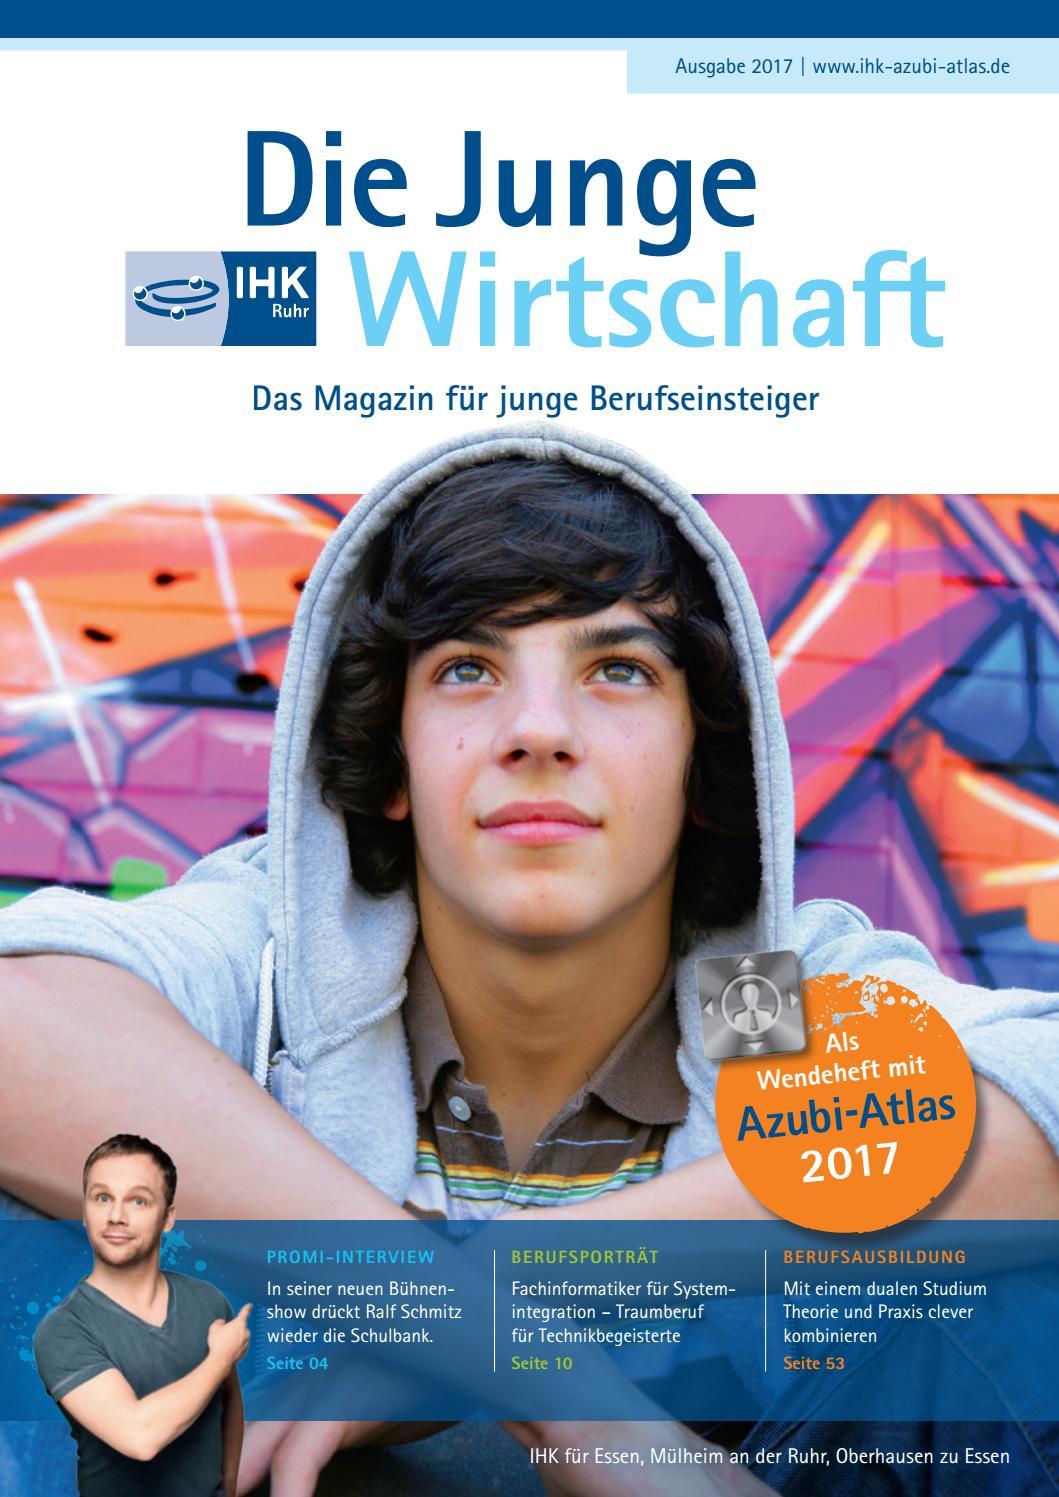 Die Junge Wirtschaft Essen 2017 + Azubi Atlas Essen 2017 by Patrick Schaab  - issuu